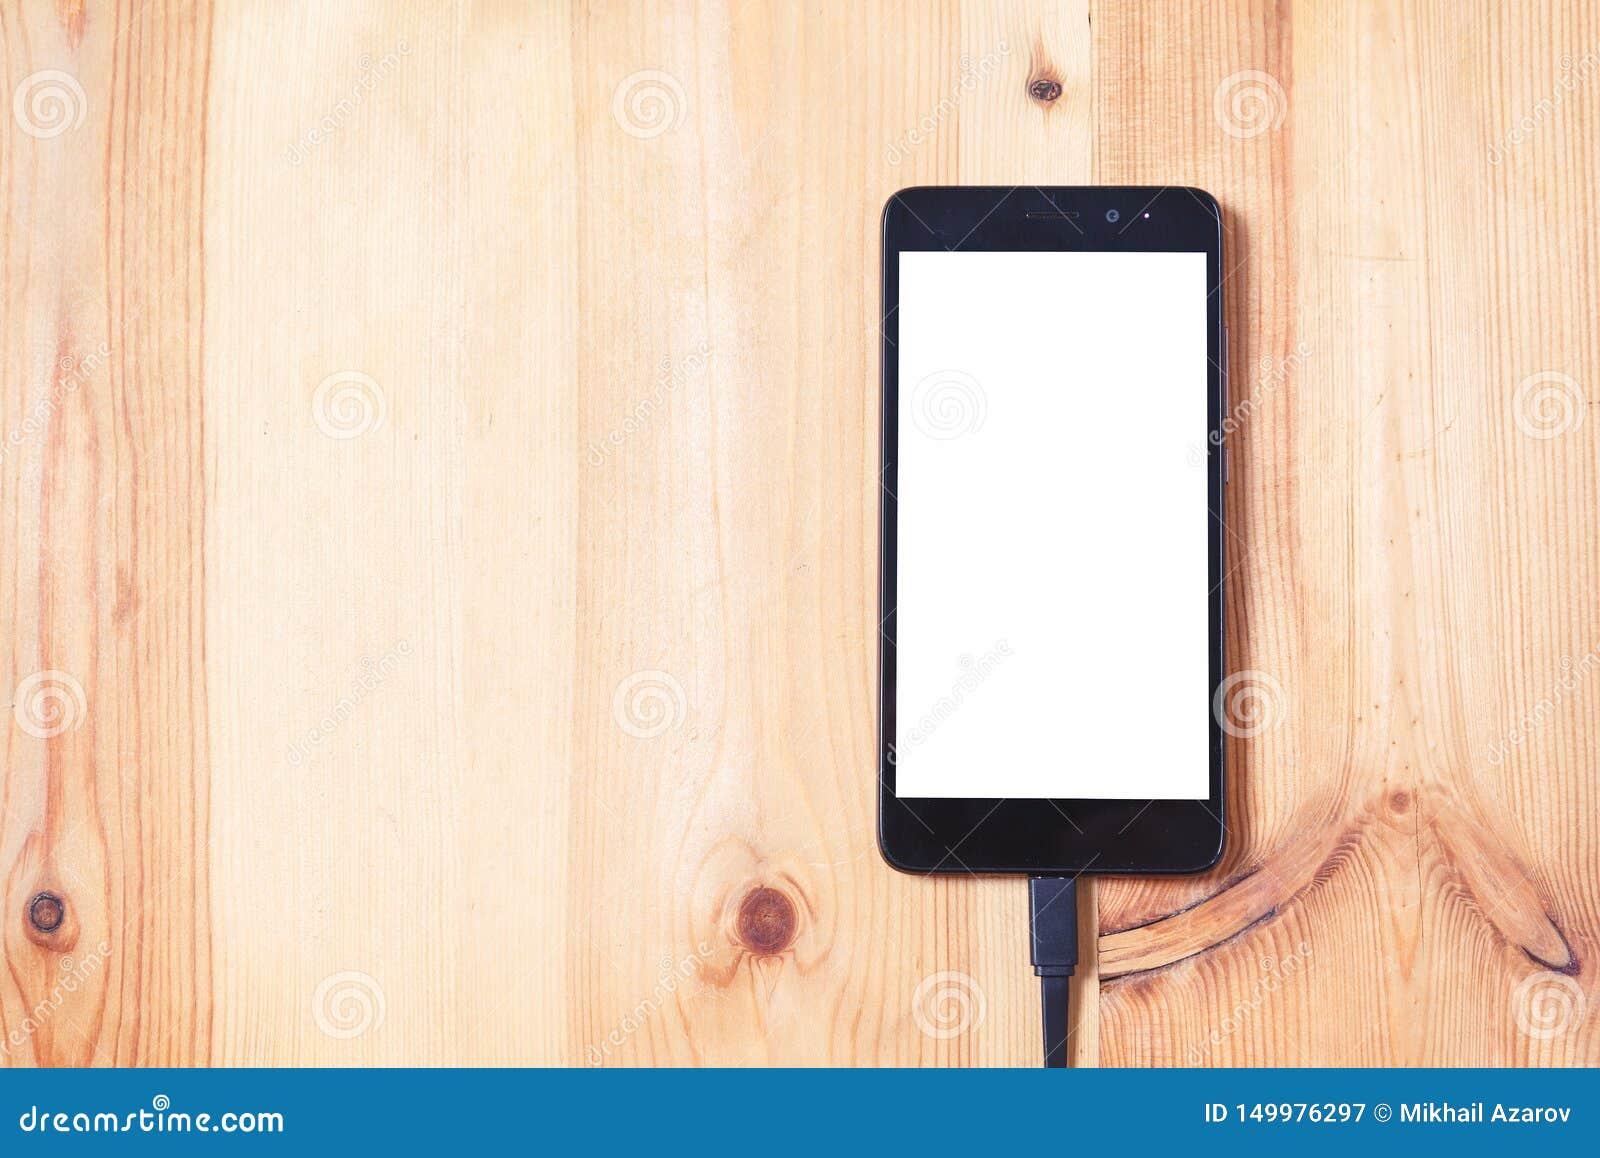 Κλείστε επάνω το συνδέοντας καλώδιο smartphone και στοιχείων για τη μεταφορά και φορτίστε την μπαταρία στην ξύλινη χρήση υποβάθρο